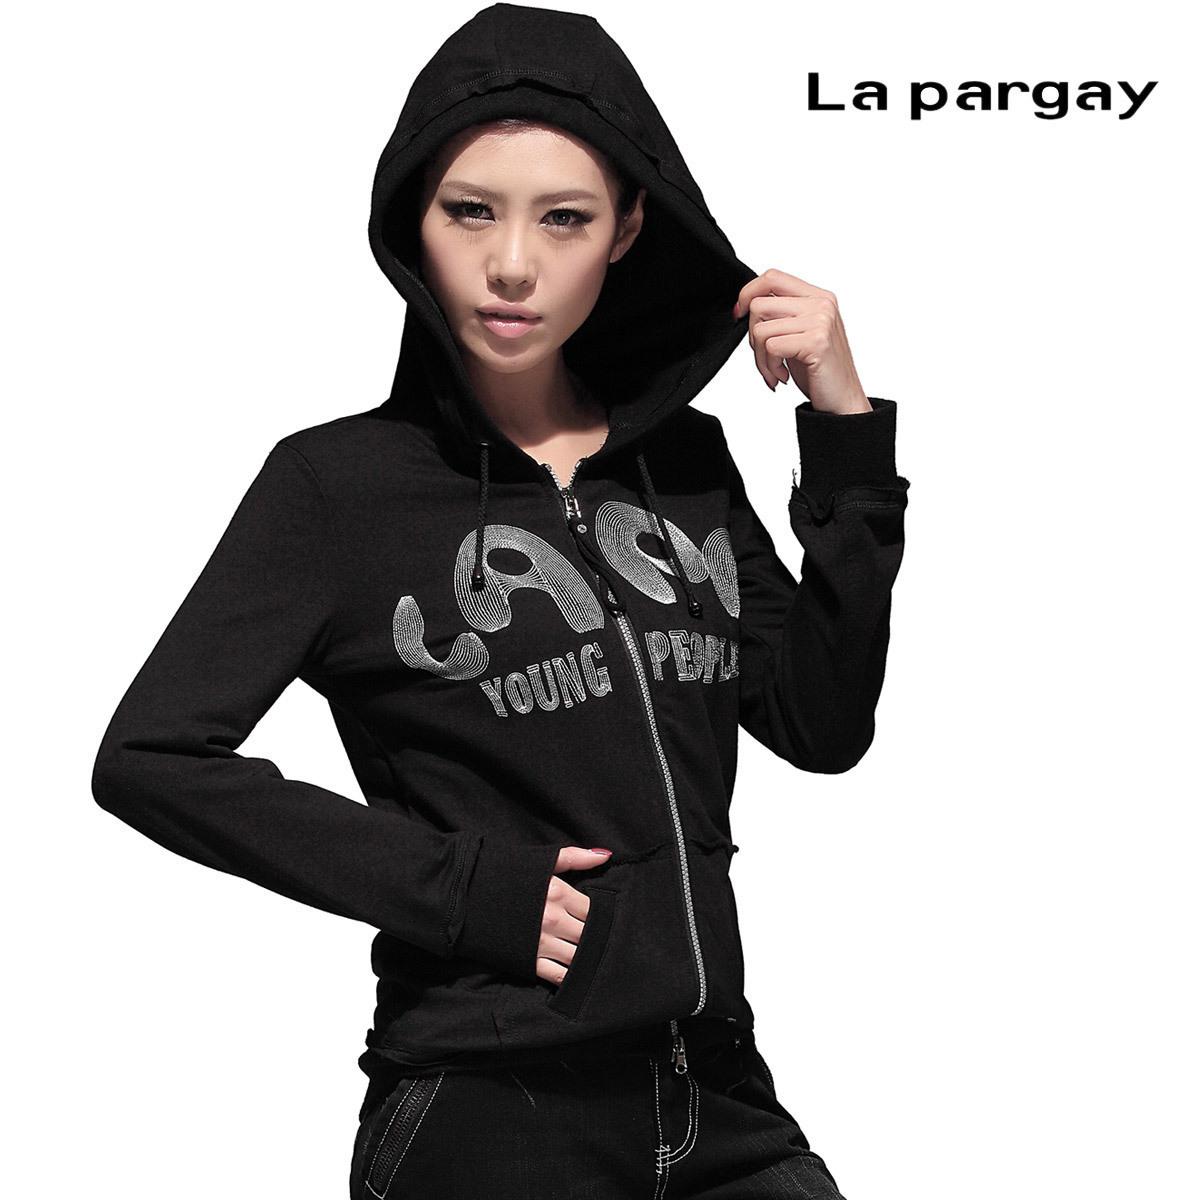 Толстовка женская La pargay y183117 2013